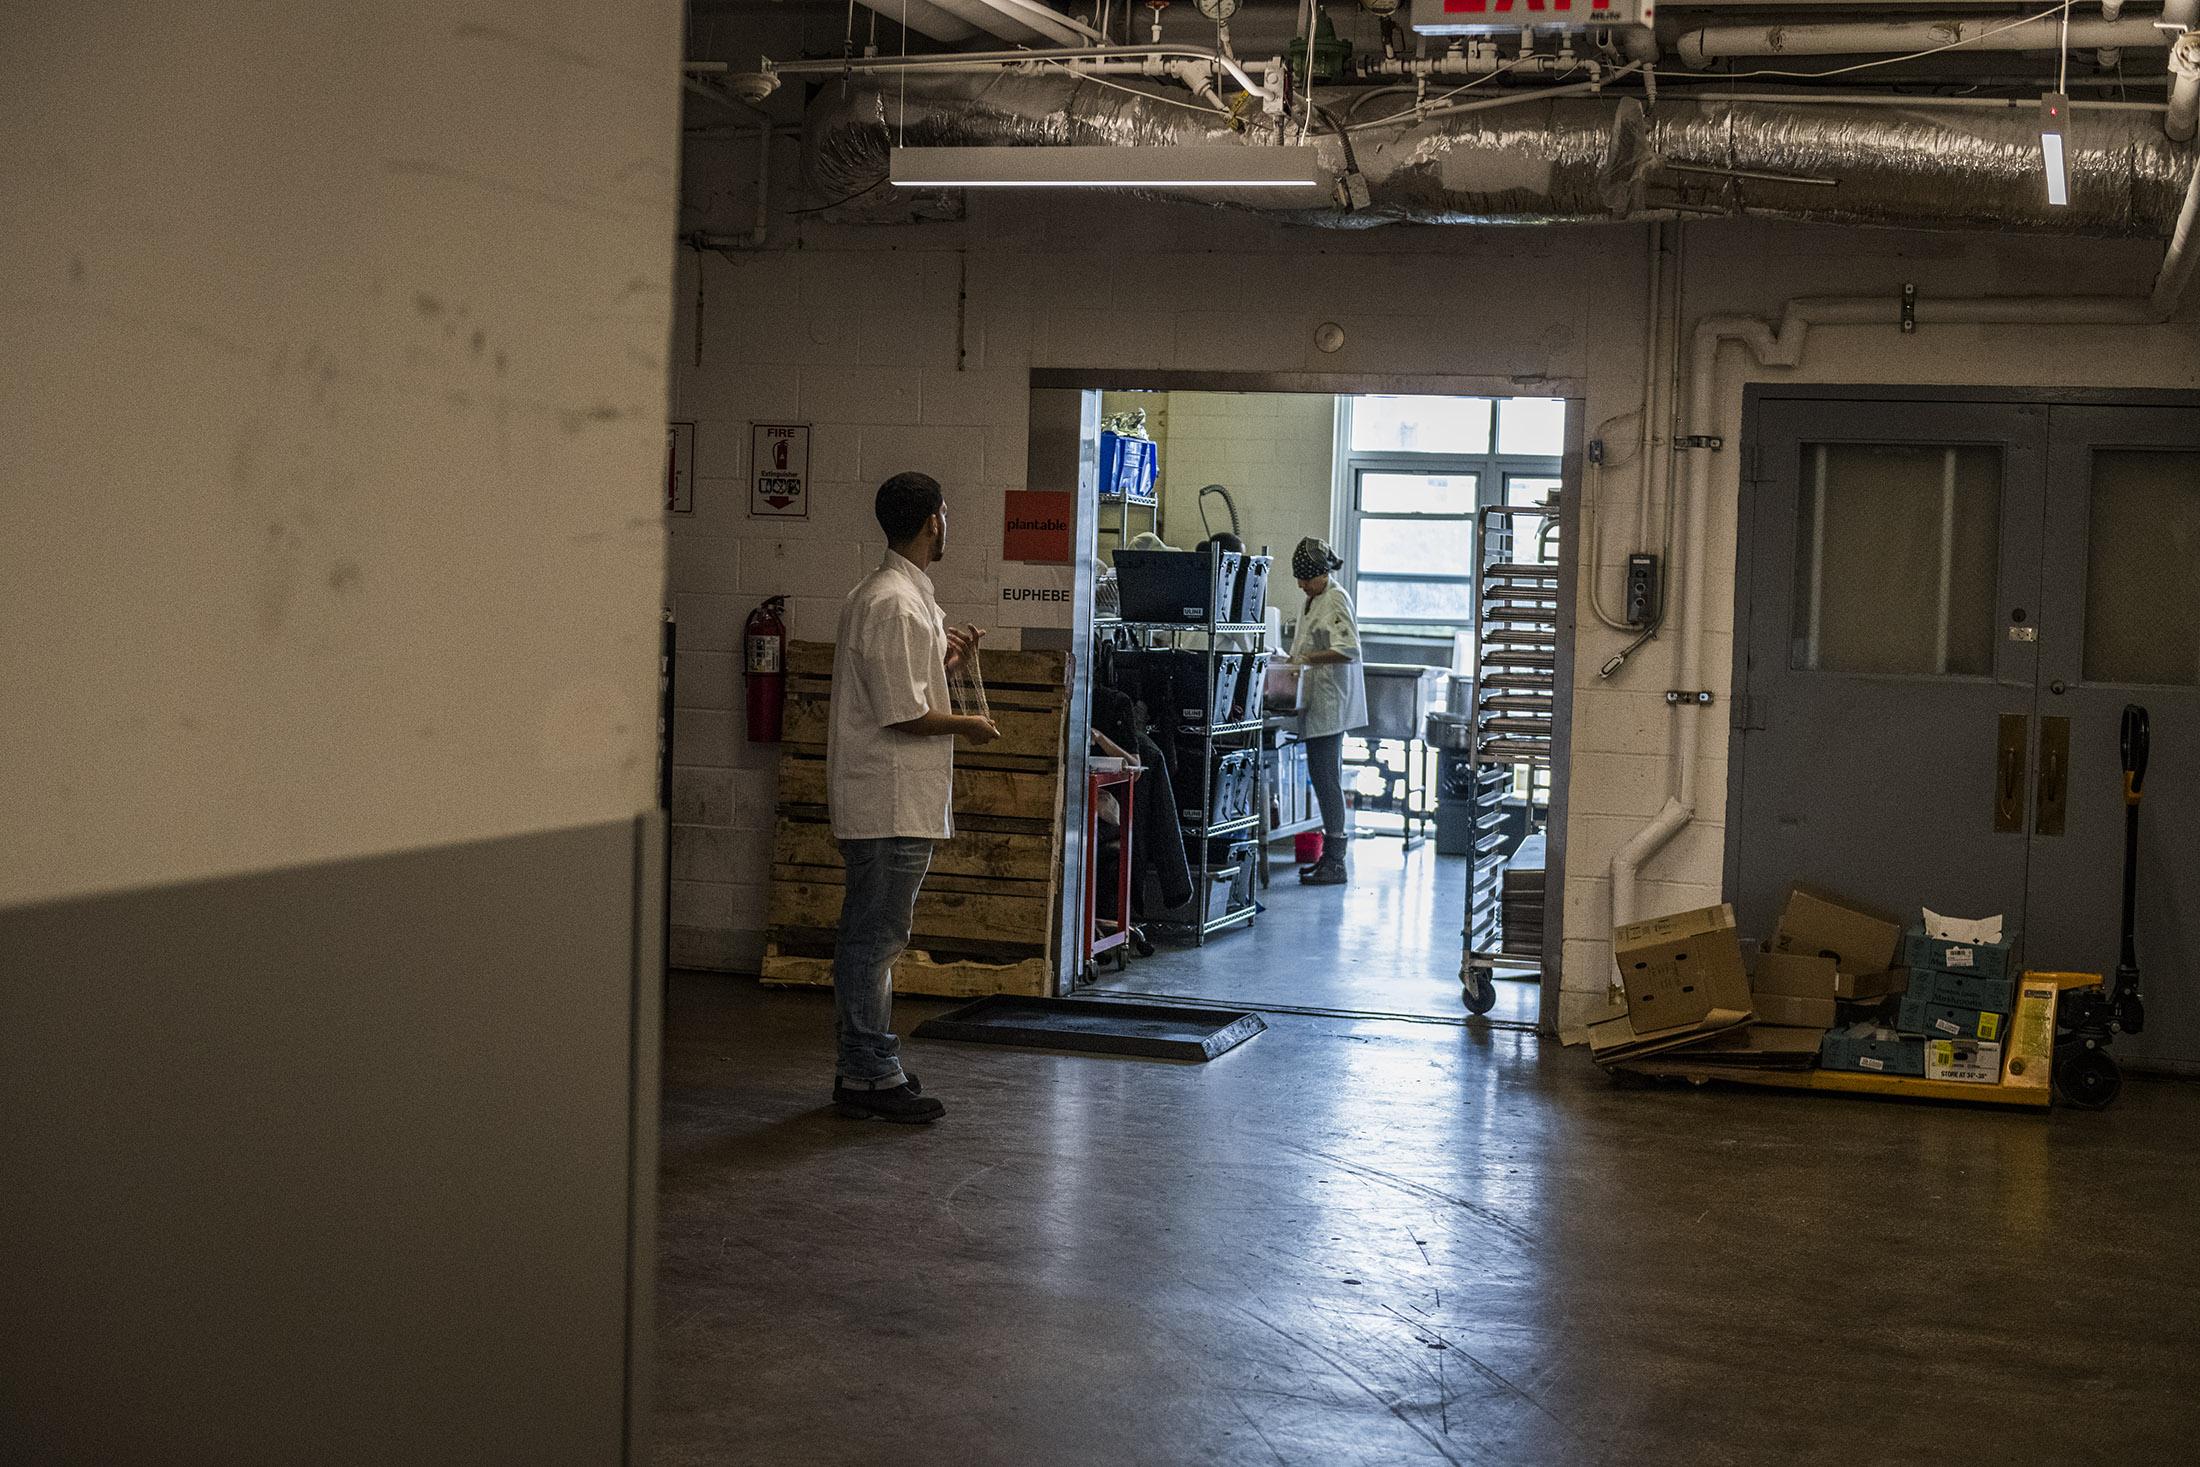 Blick in eine der zahlreichen Produktionsküchen im Pfizer Building